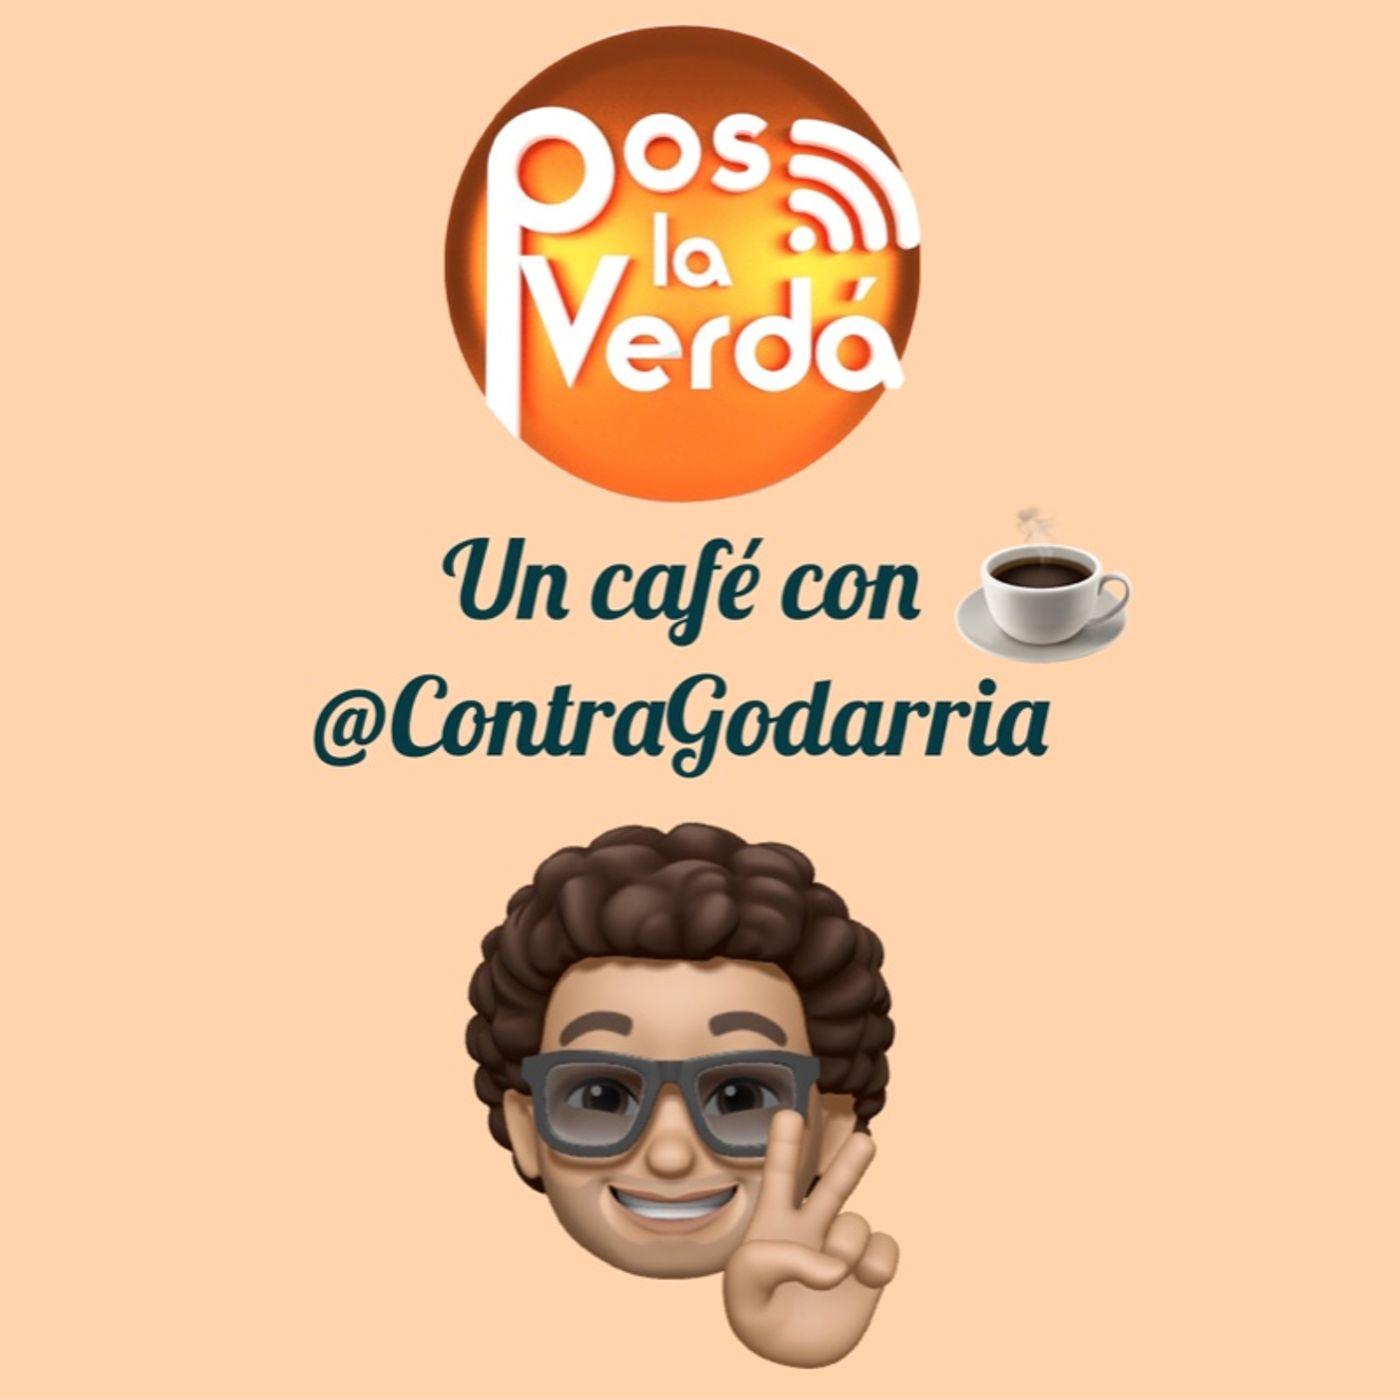 #PosLaVerda 15 de Octubre, un Cafe con @ContraGodarria